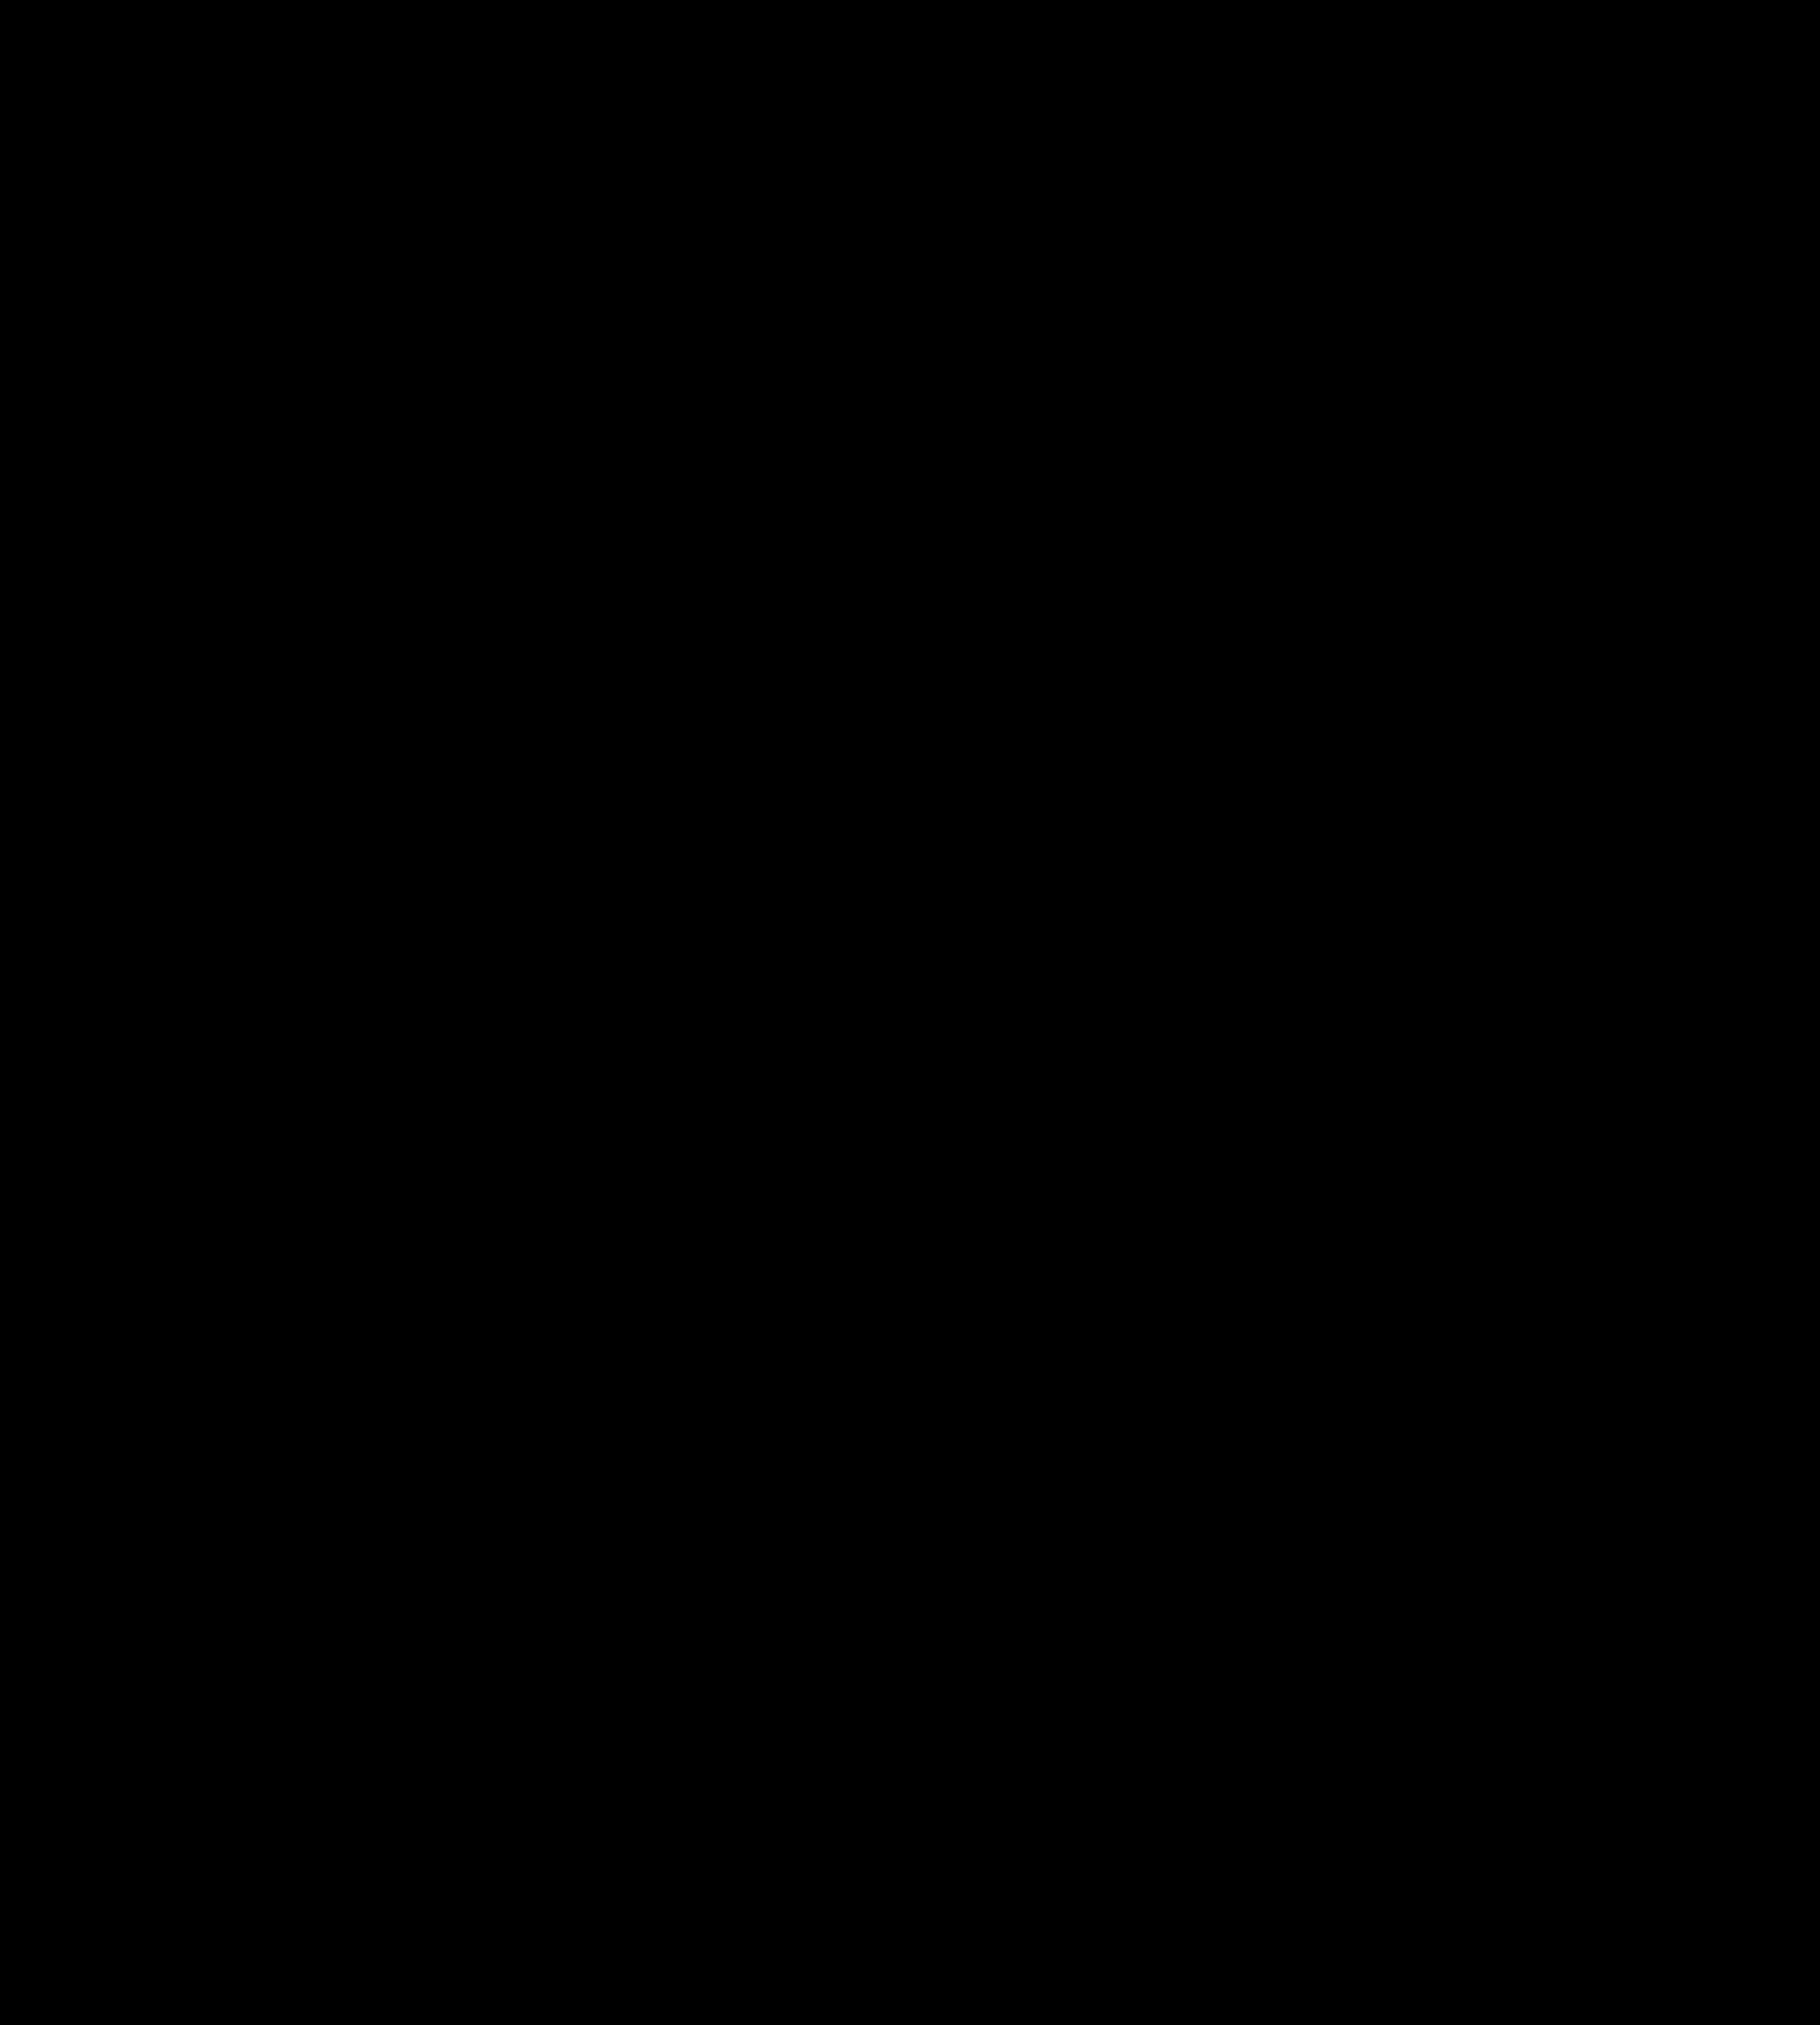 Clipart unicorn silhouette 6